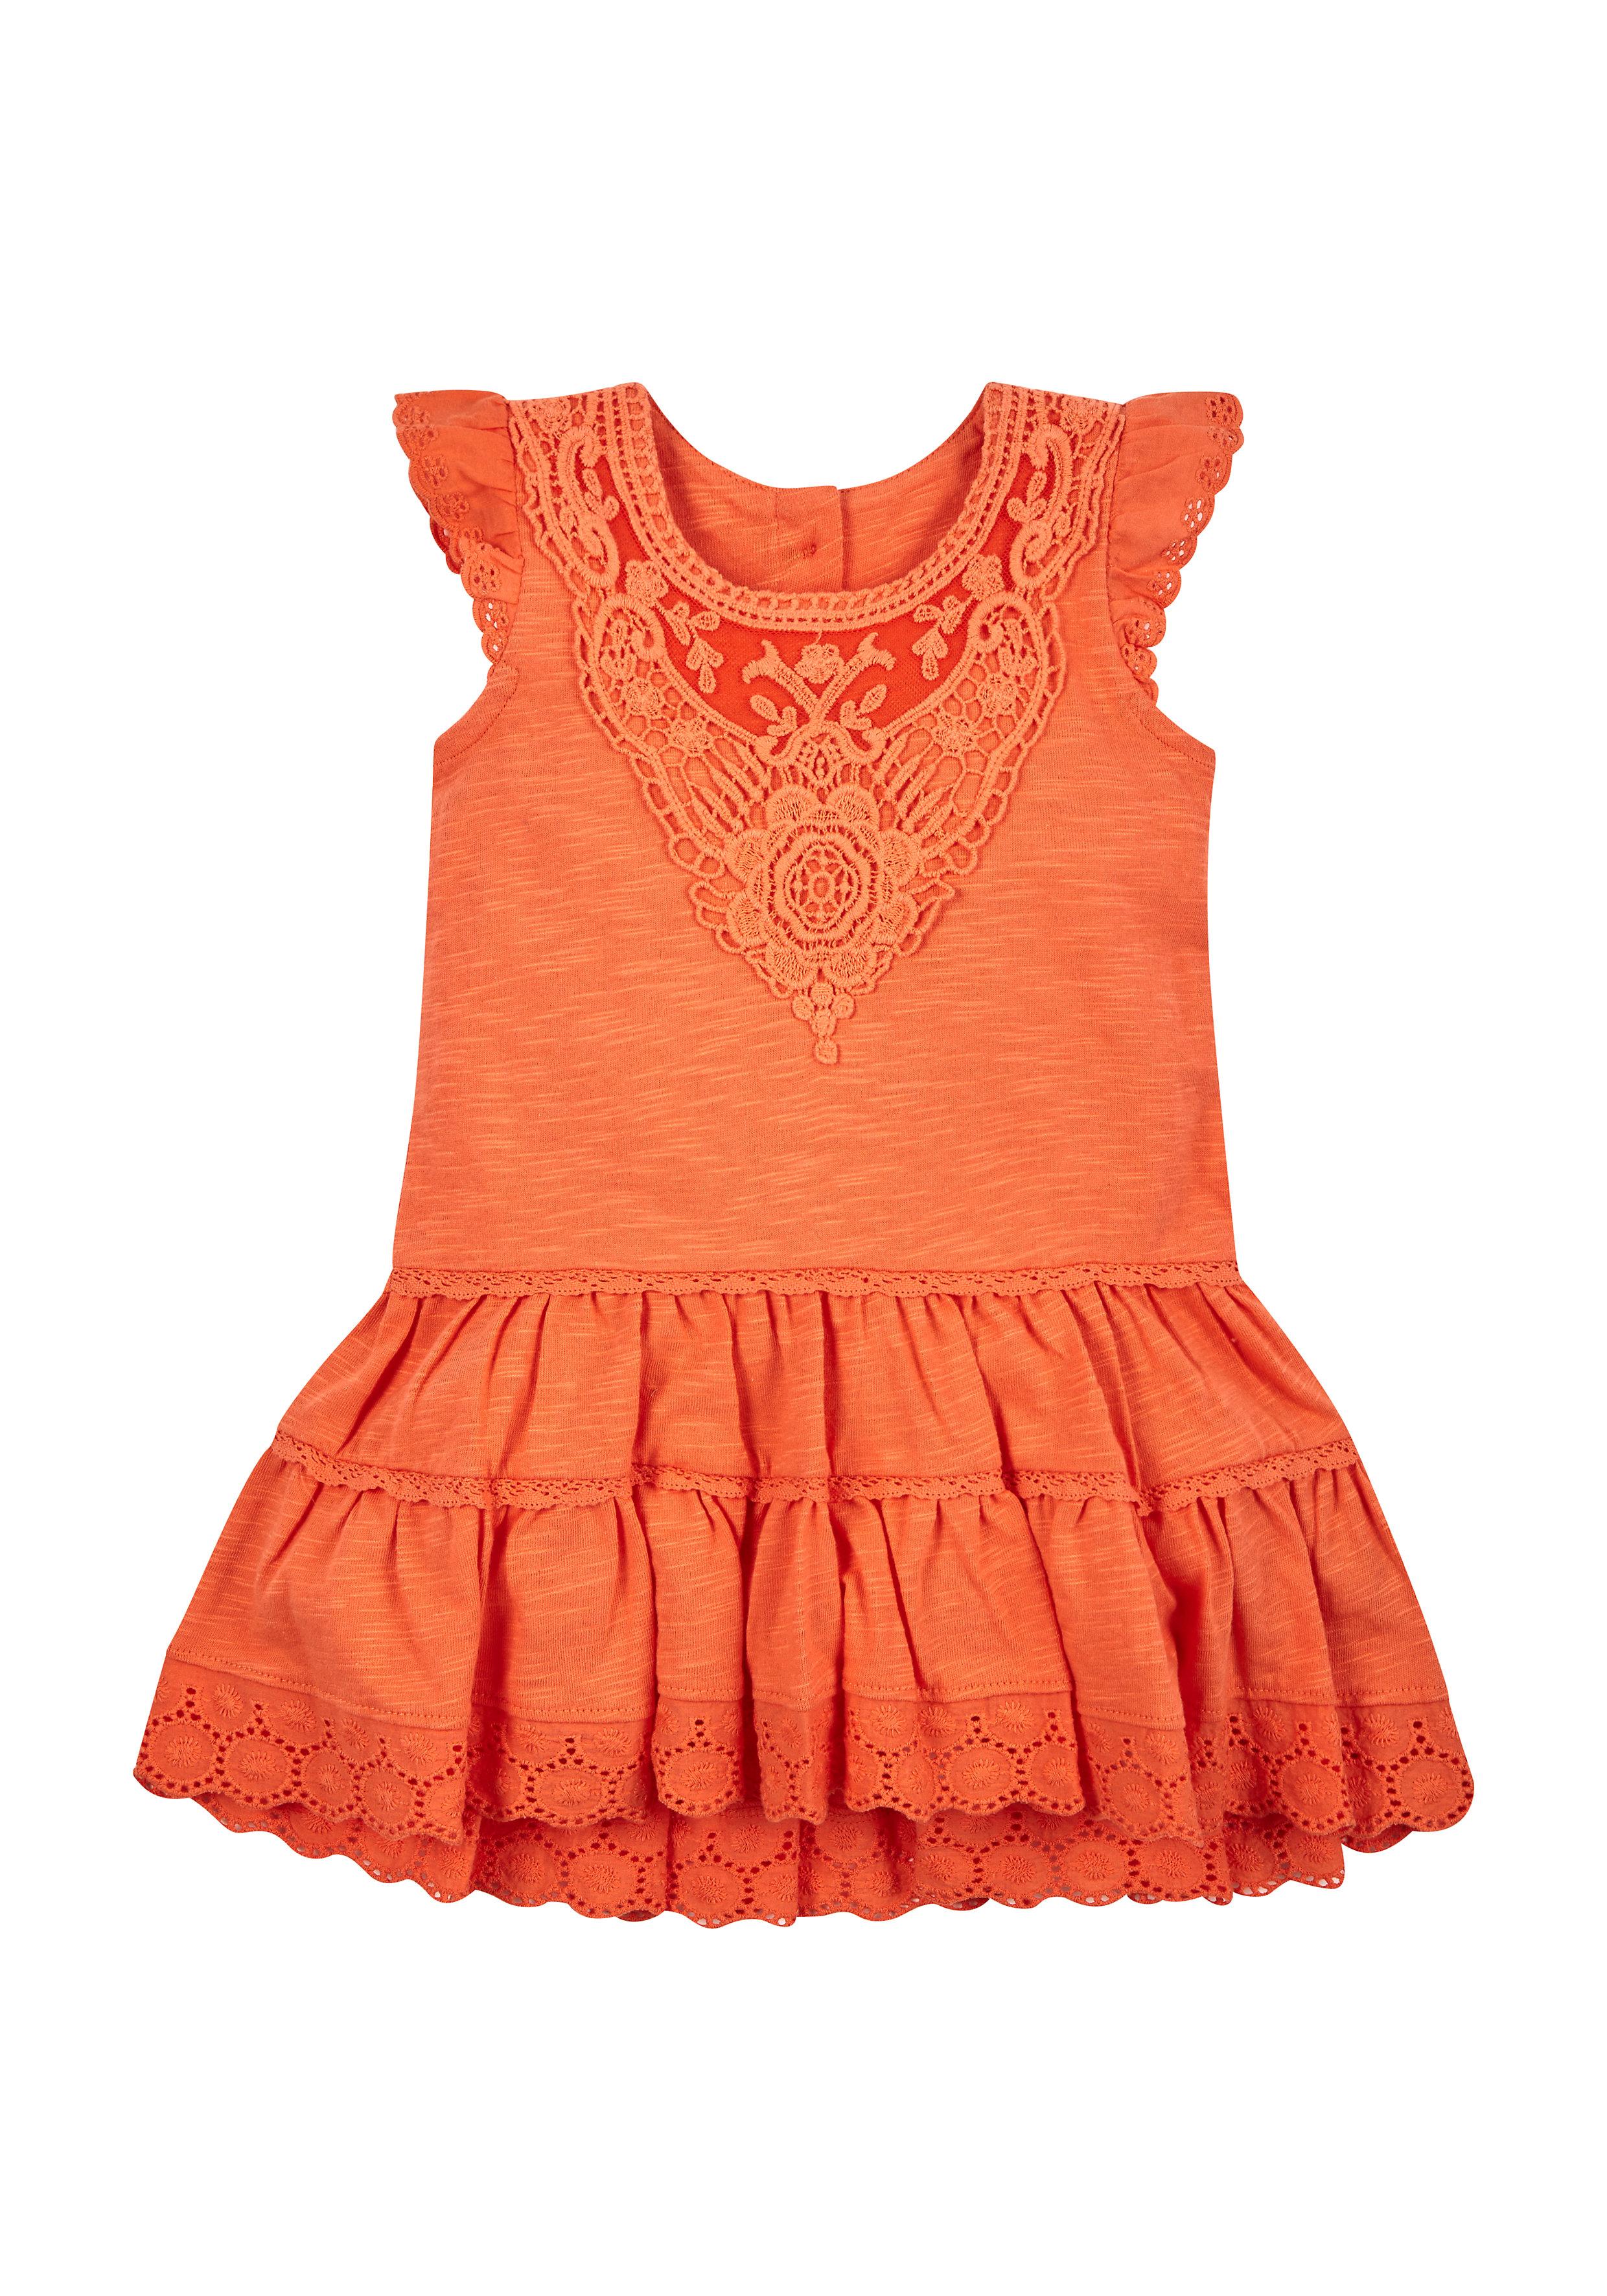 Mothercare | Girls Crochet Dress - Orange